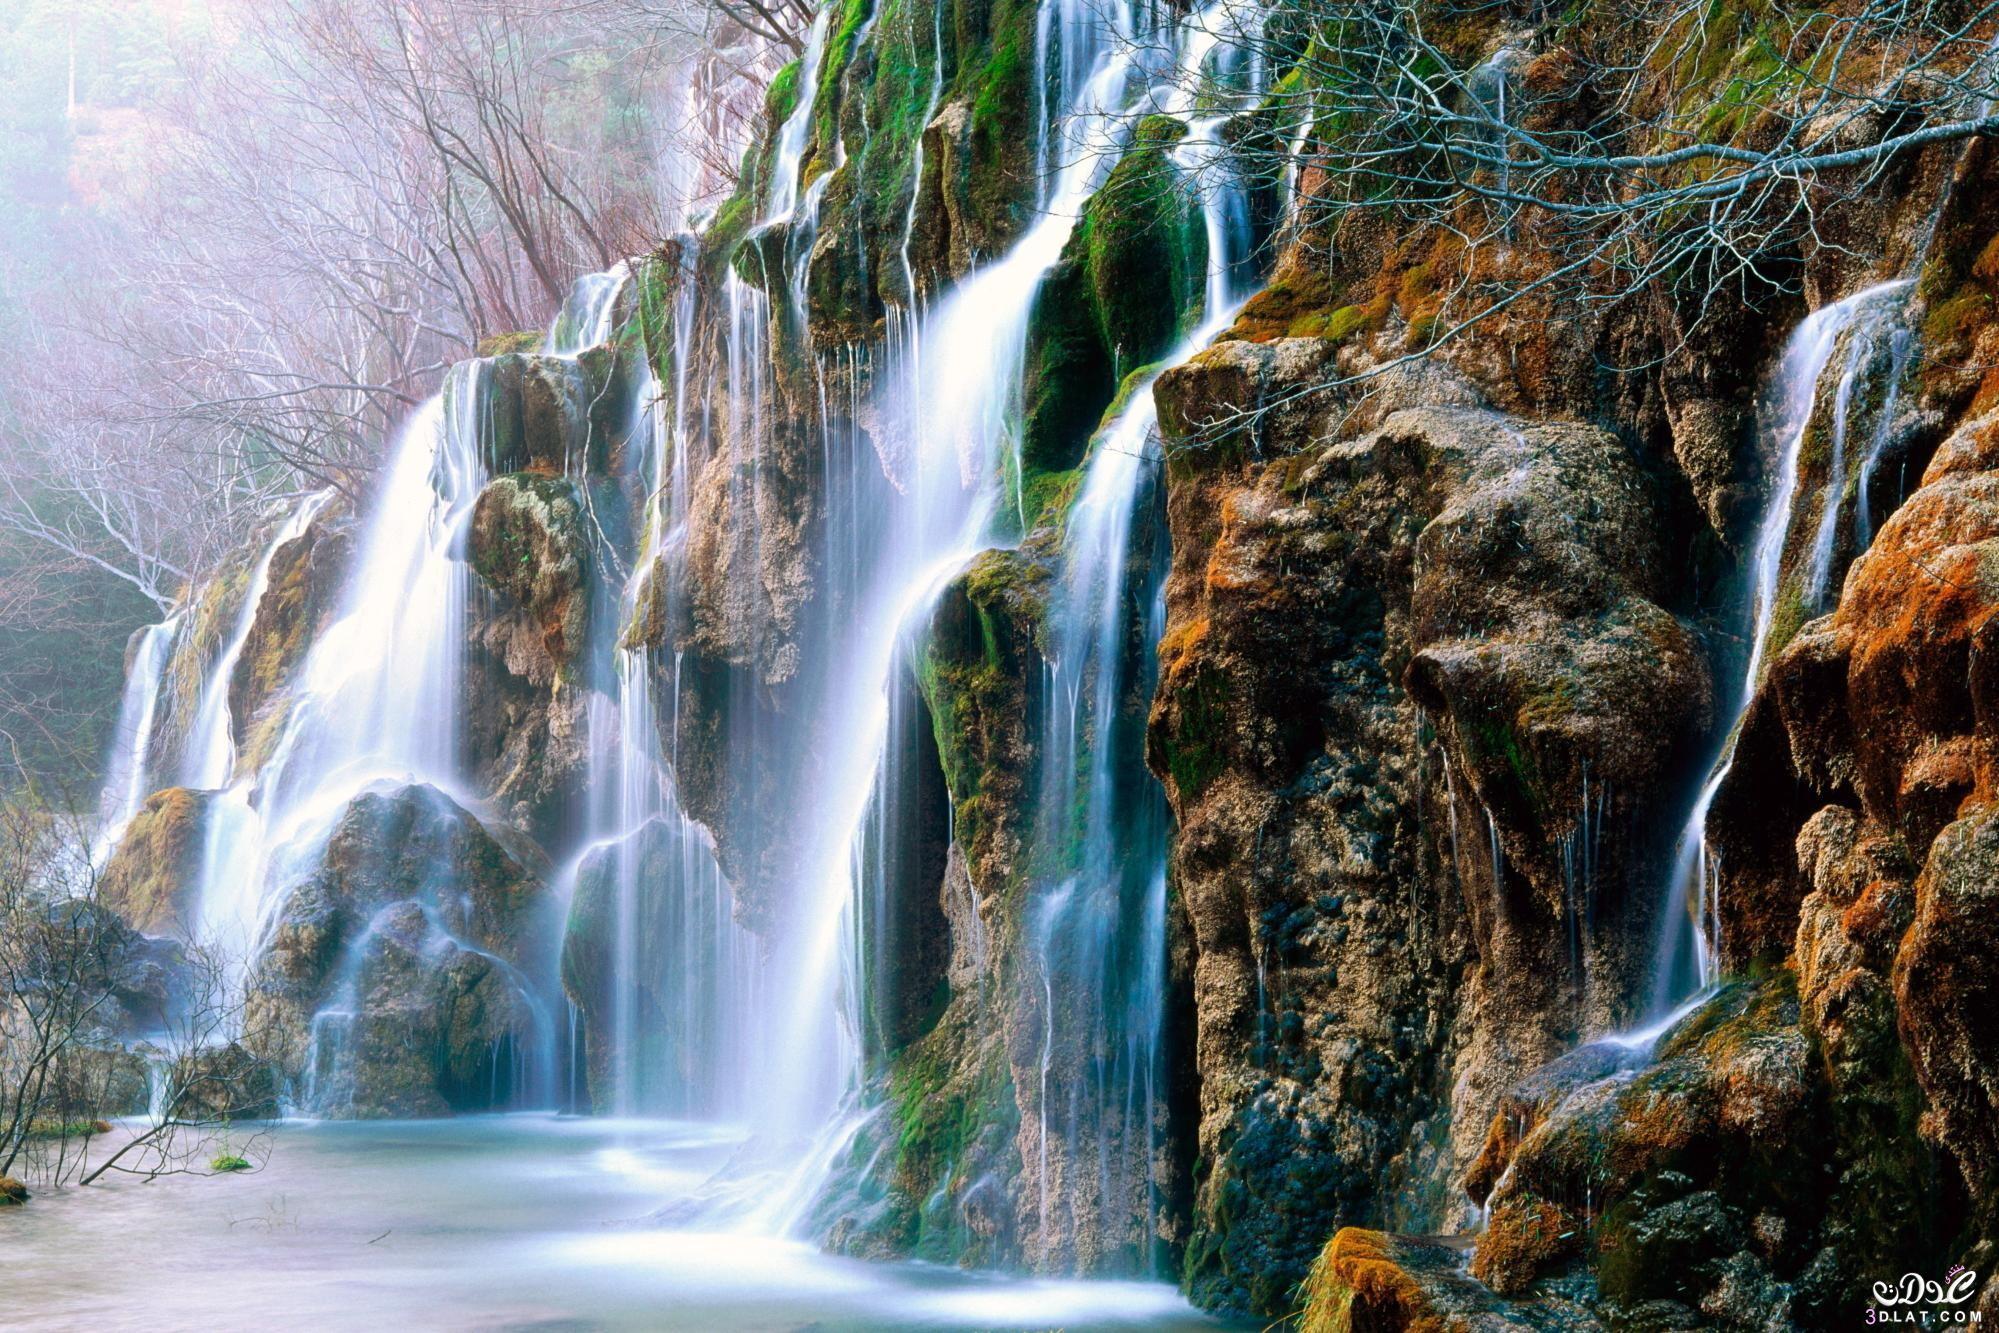 صور شلالات ساحرة 2015 , صور شلالات طبيعية2015، أجمل صور شلالات فى العالم2015، 3dlat.net_15_15_3f27